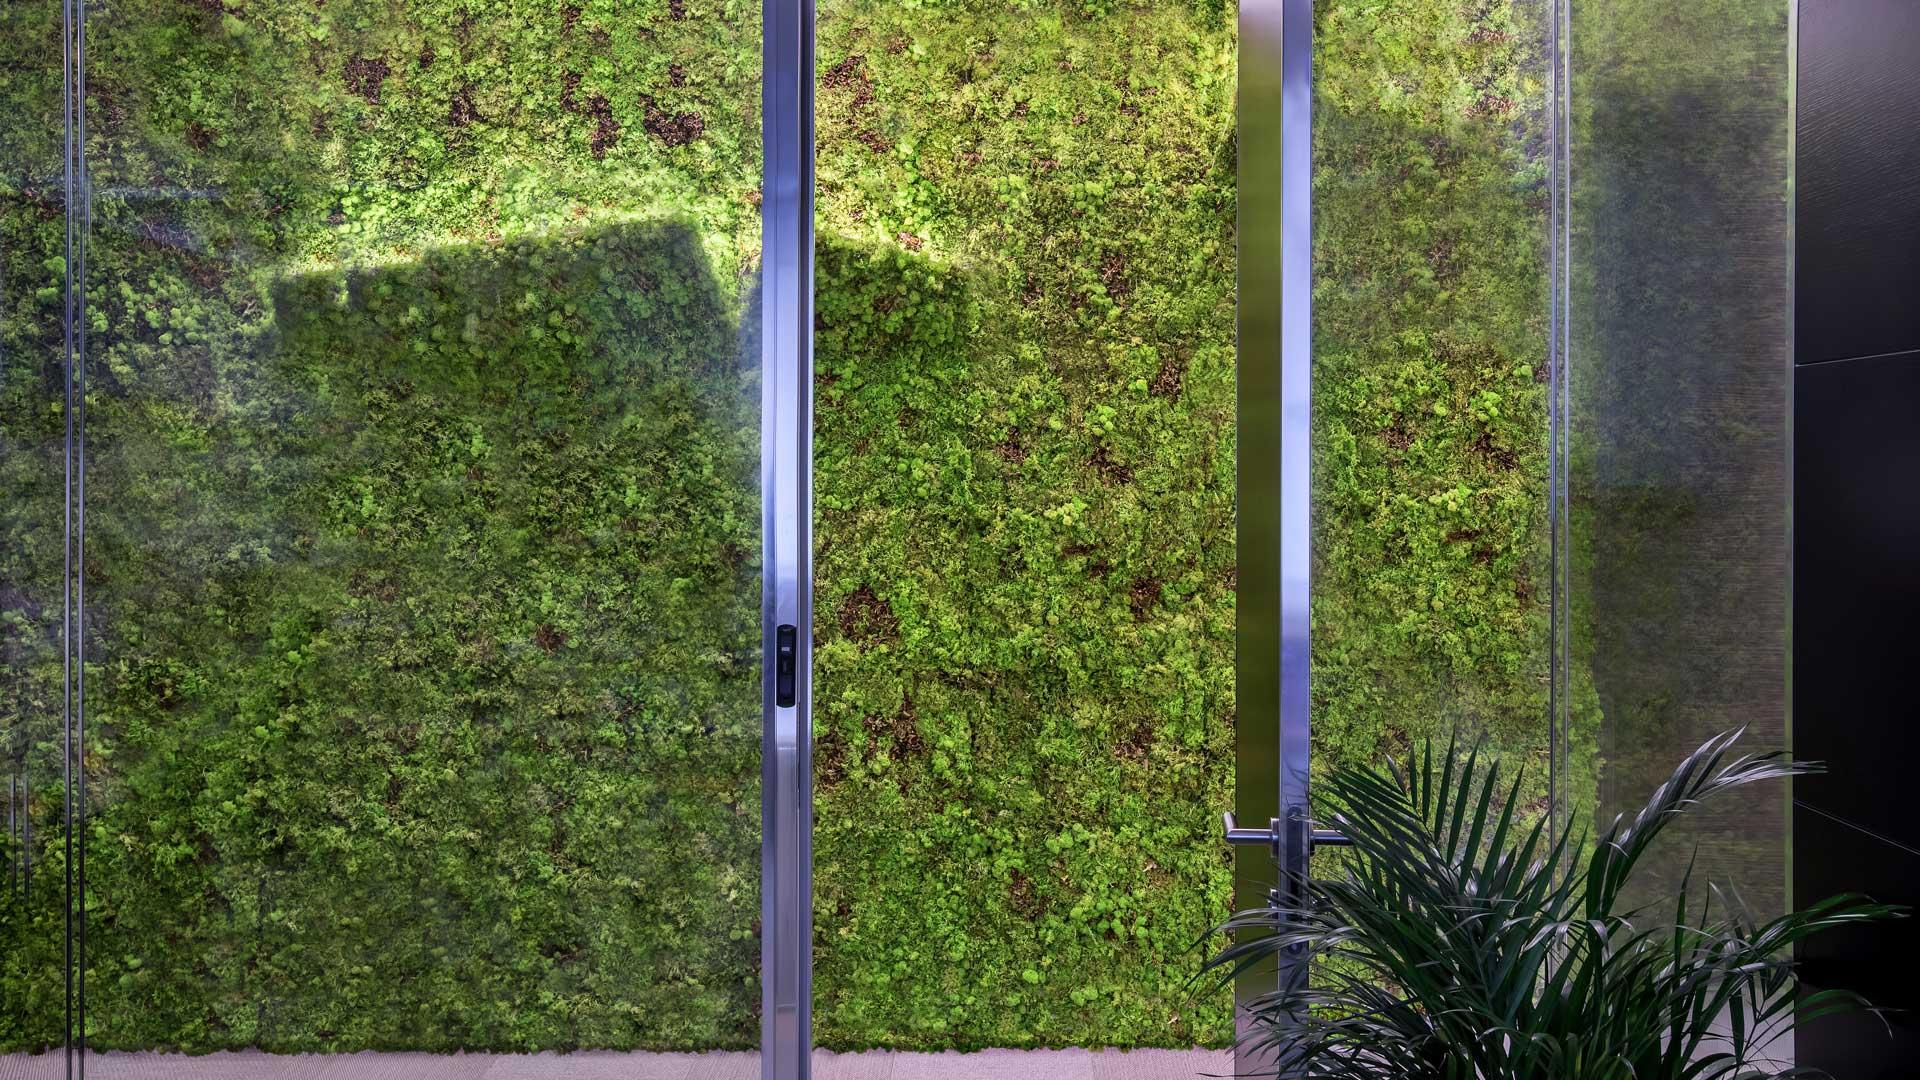 Parete-verde-migliora-l'aria-in-ufficio-Level-Office-Landscape